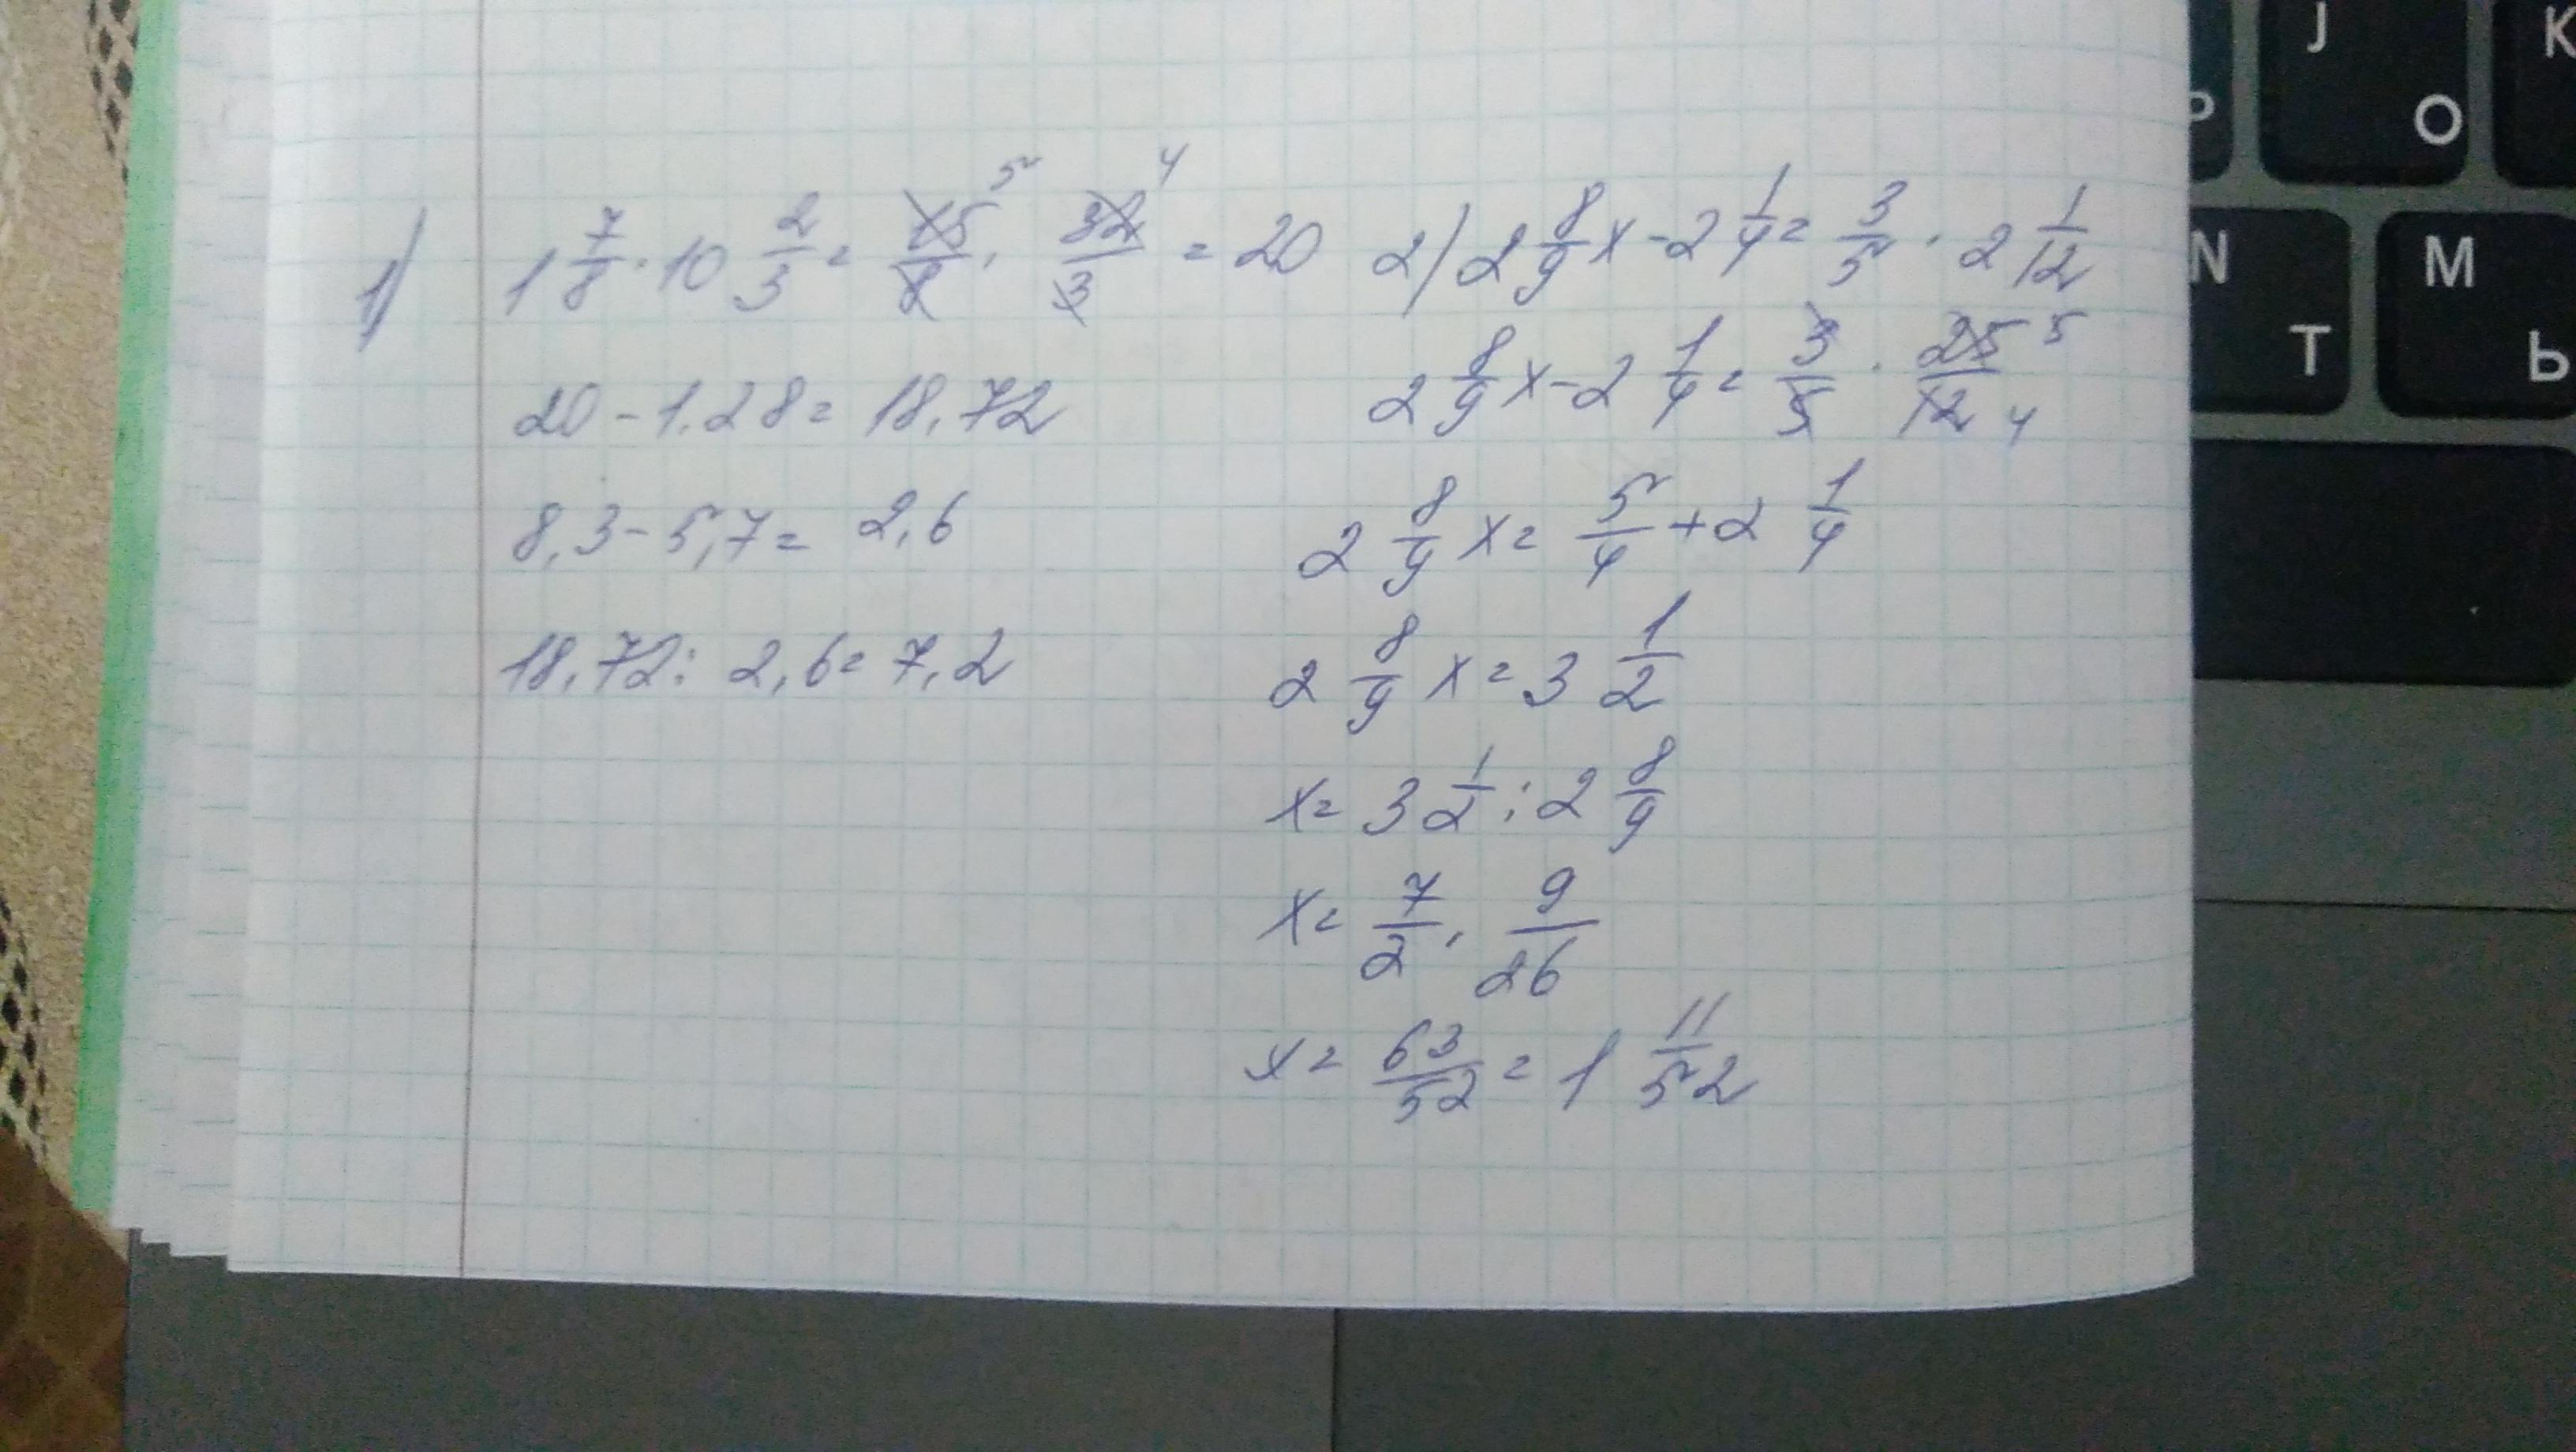 Помогите пожалуйста))) фото есть))) Пожалуйста